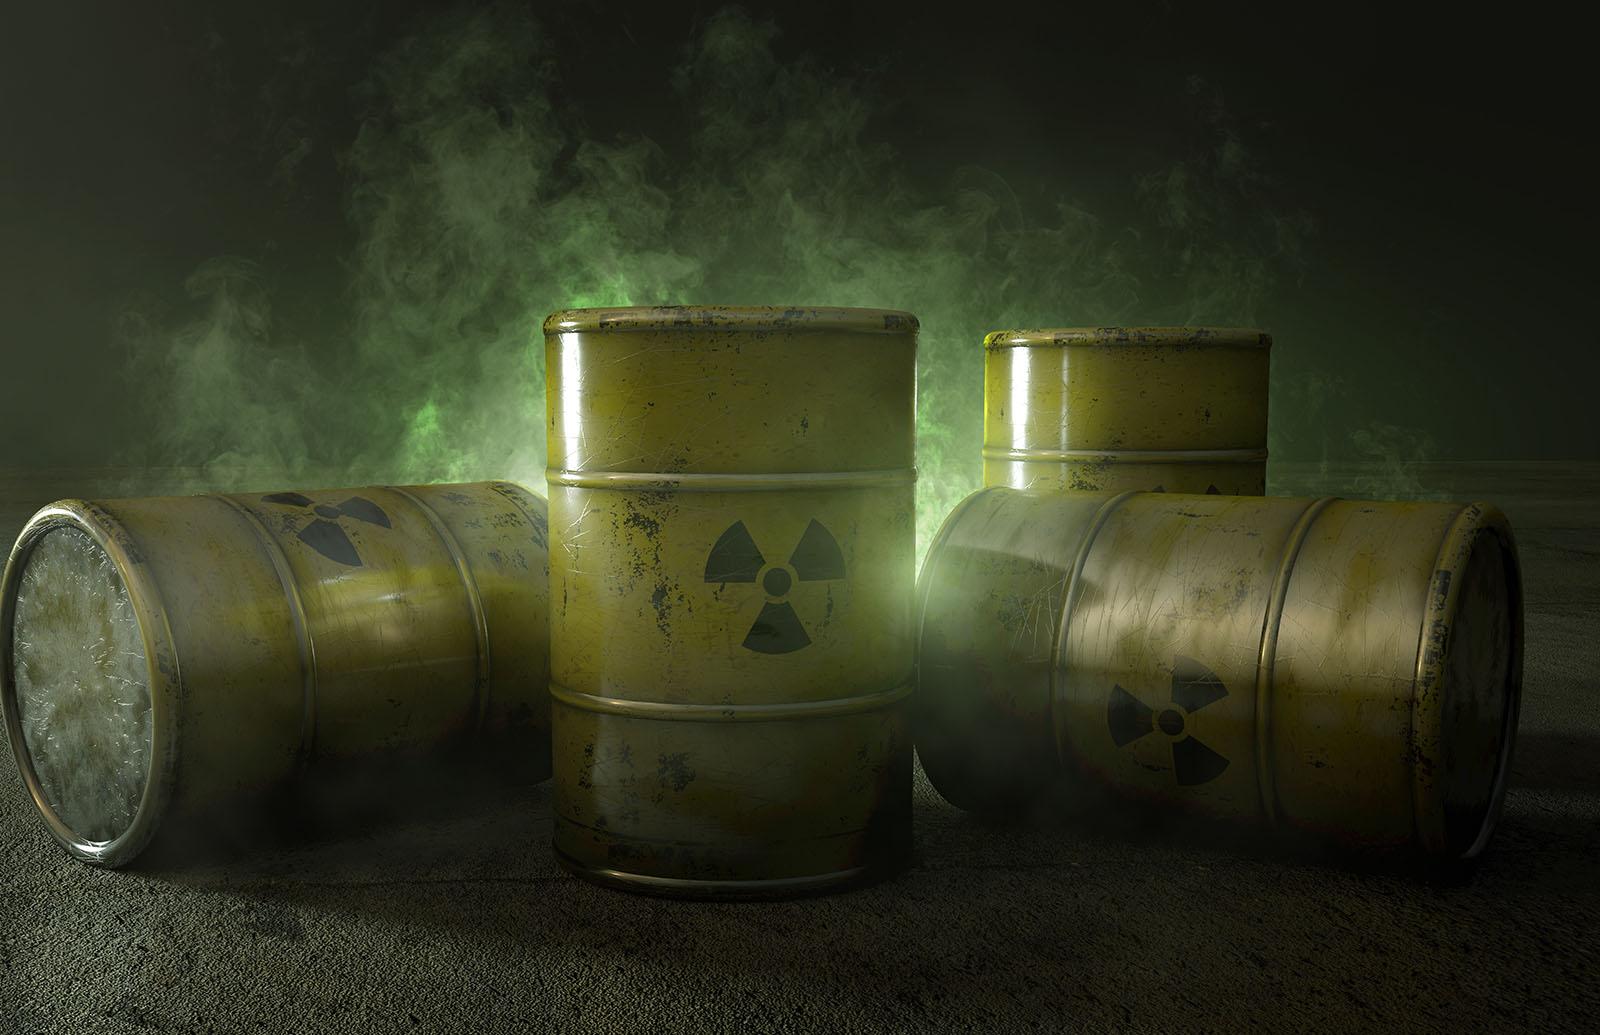 Fukushima's radioactive water may be pumped back into the ocean thumbnail